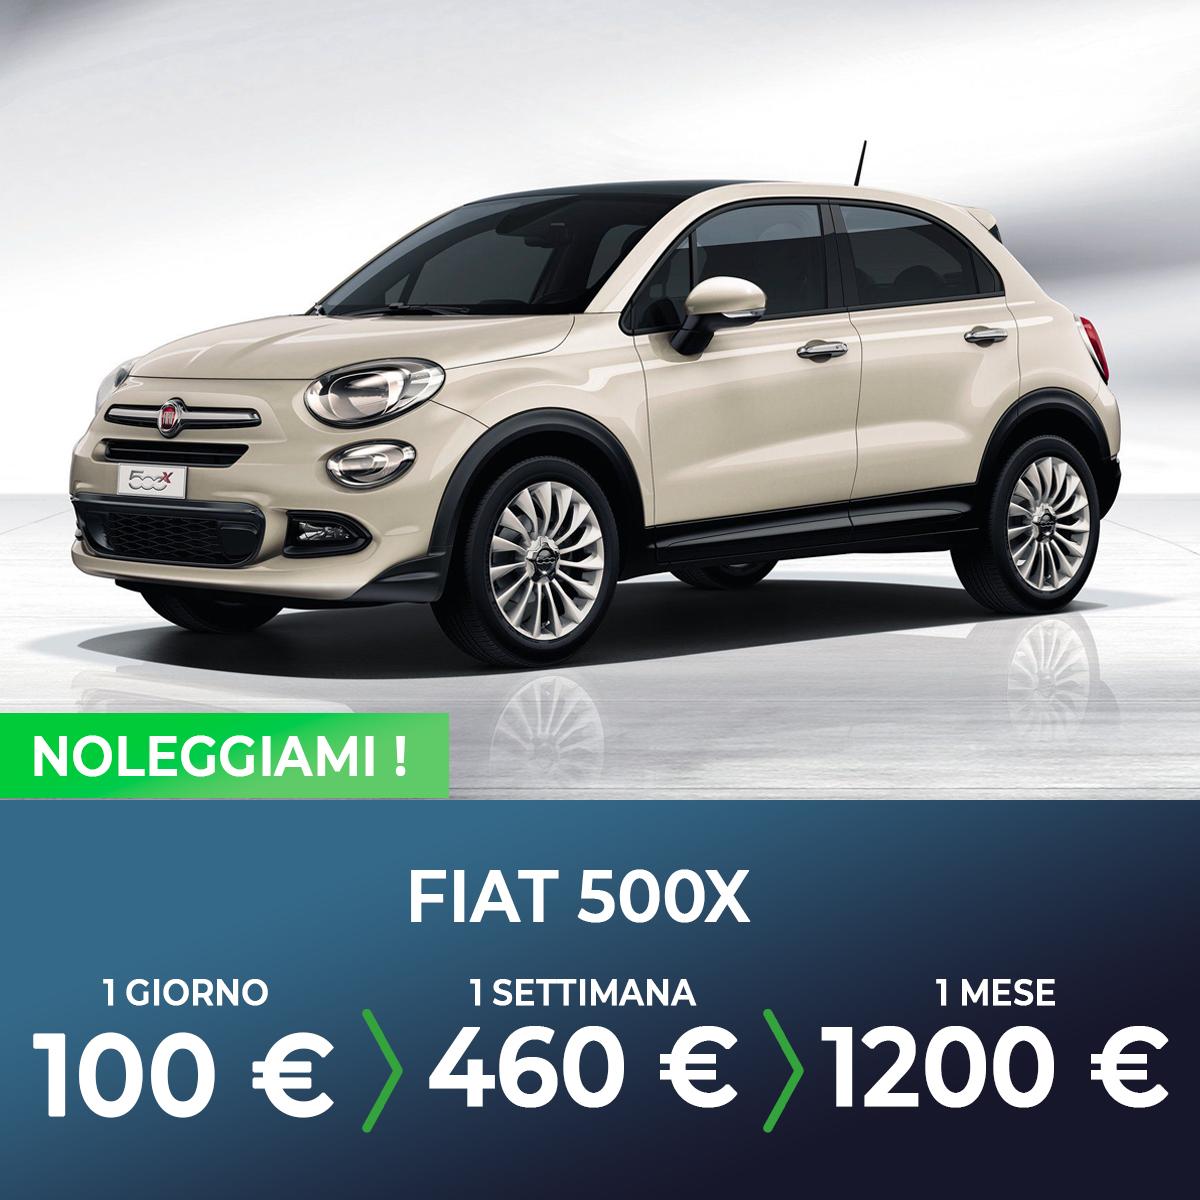 Fiat 500X noleggio breve termine